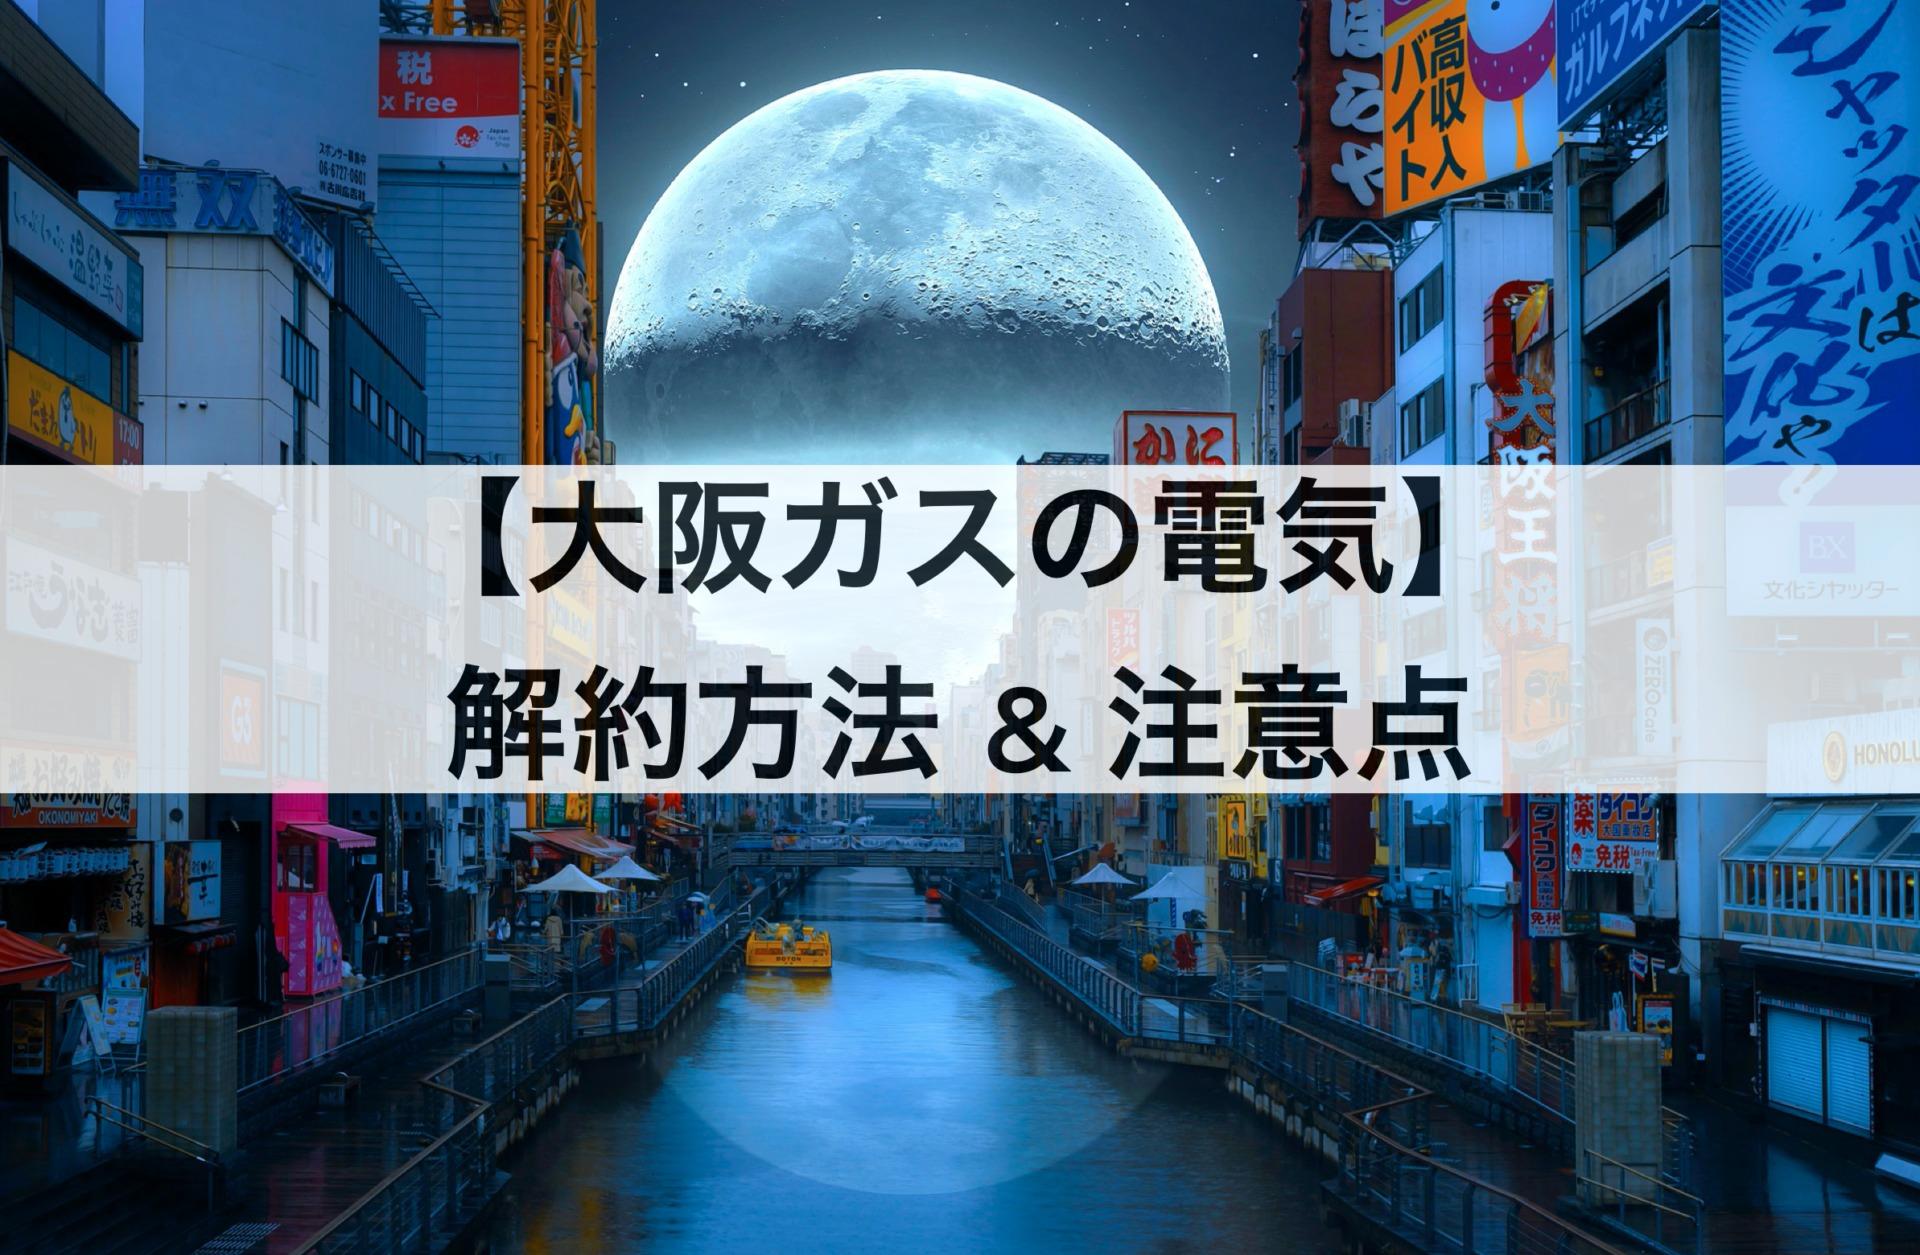 大阪ガスの電気の解約方法&注意点を解説します。